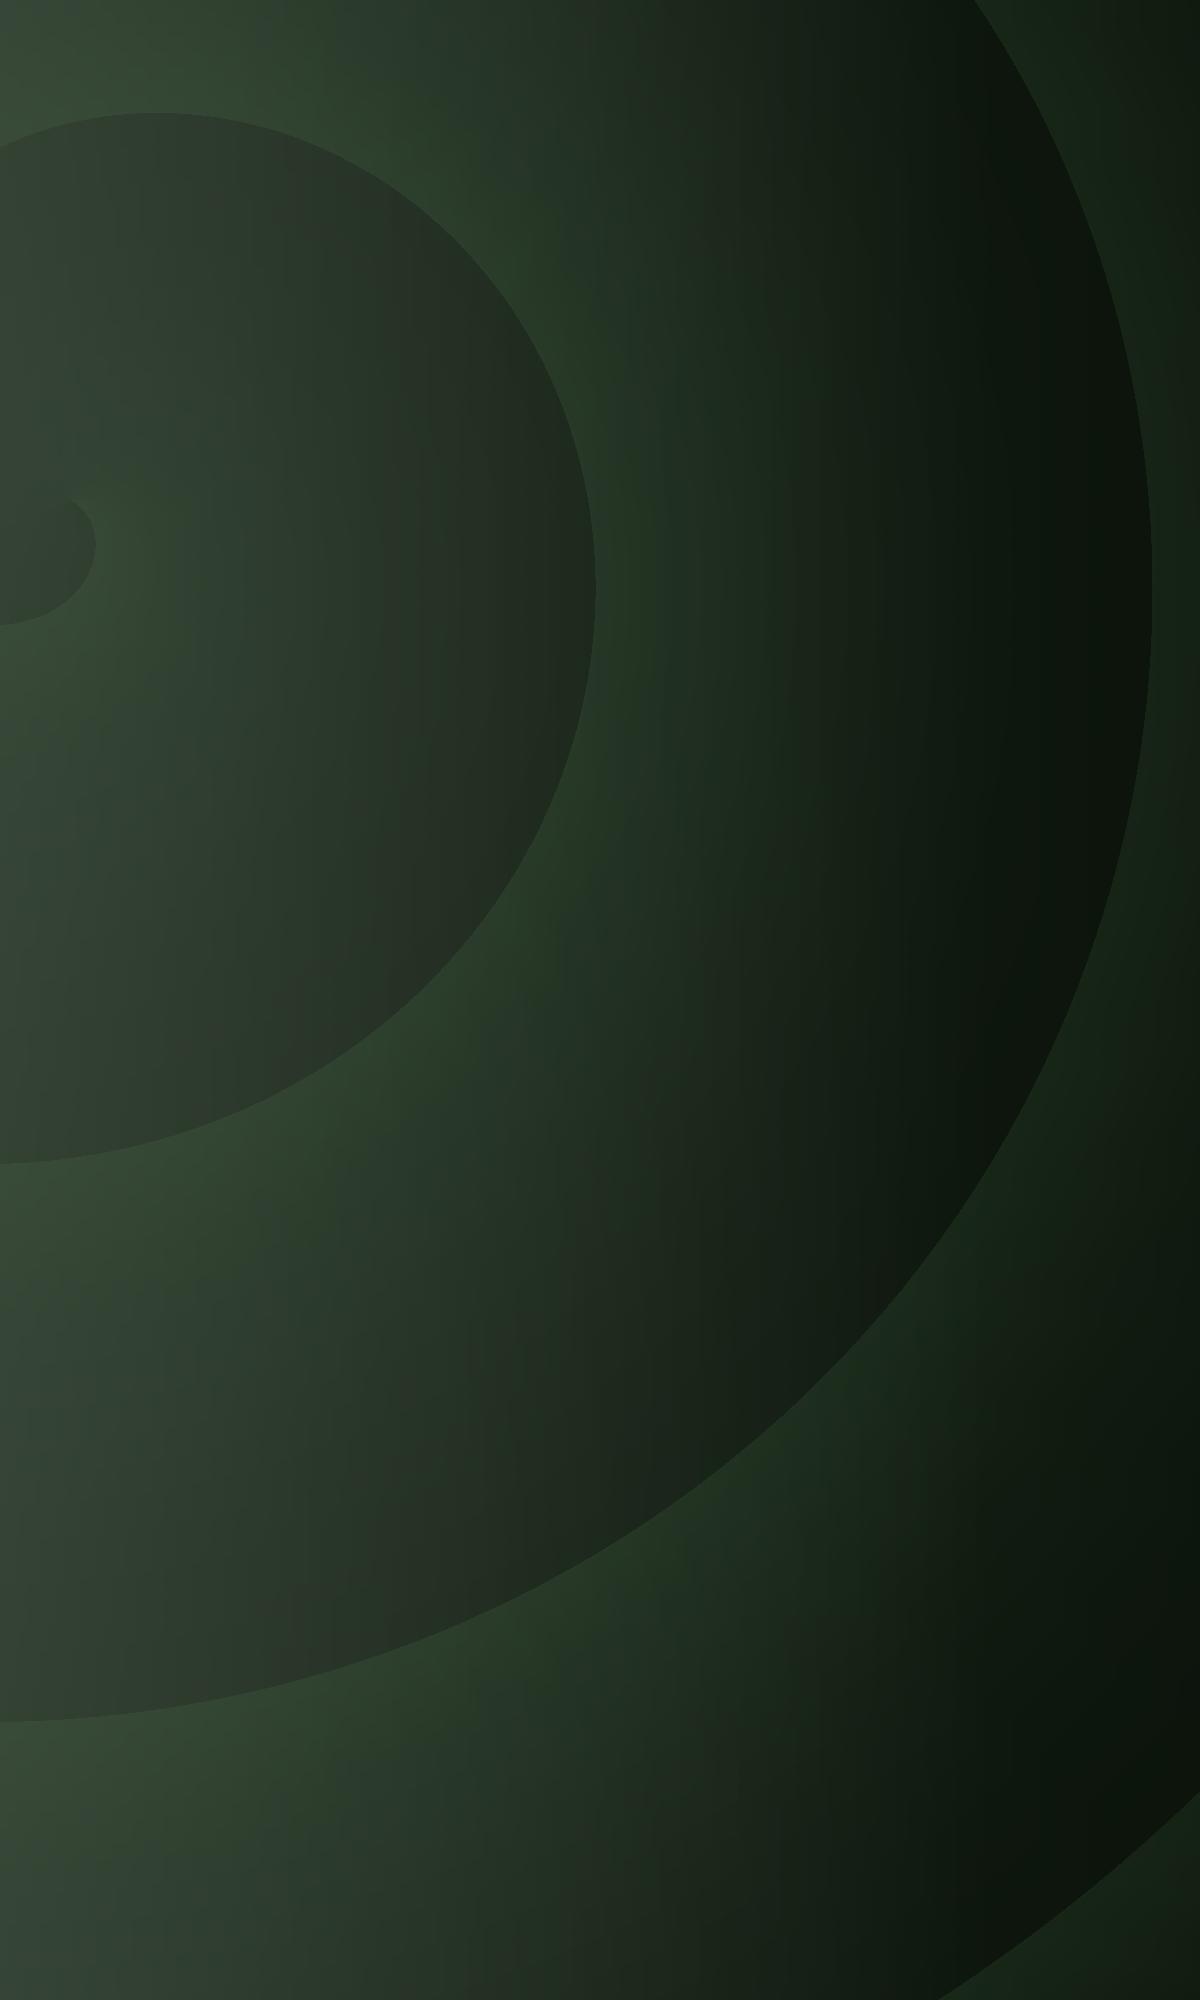 backgroundborder-1.png